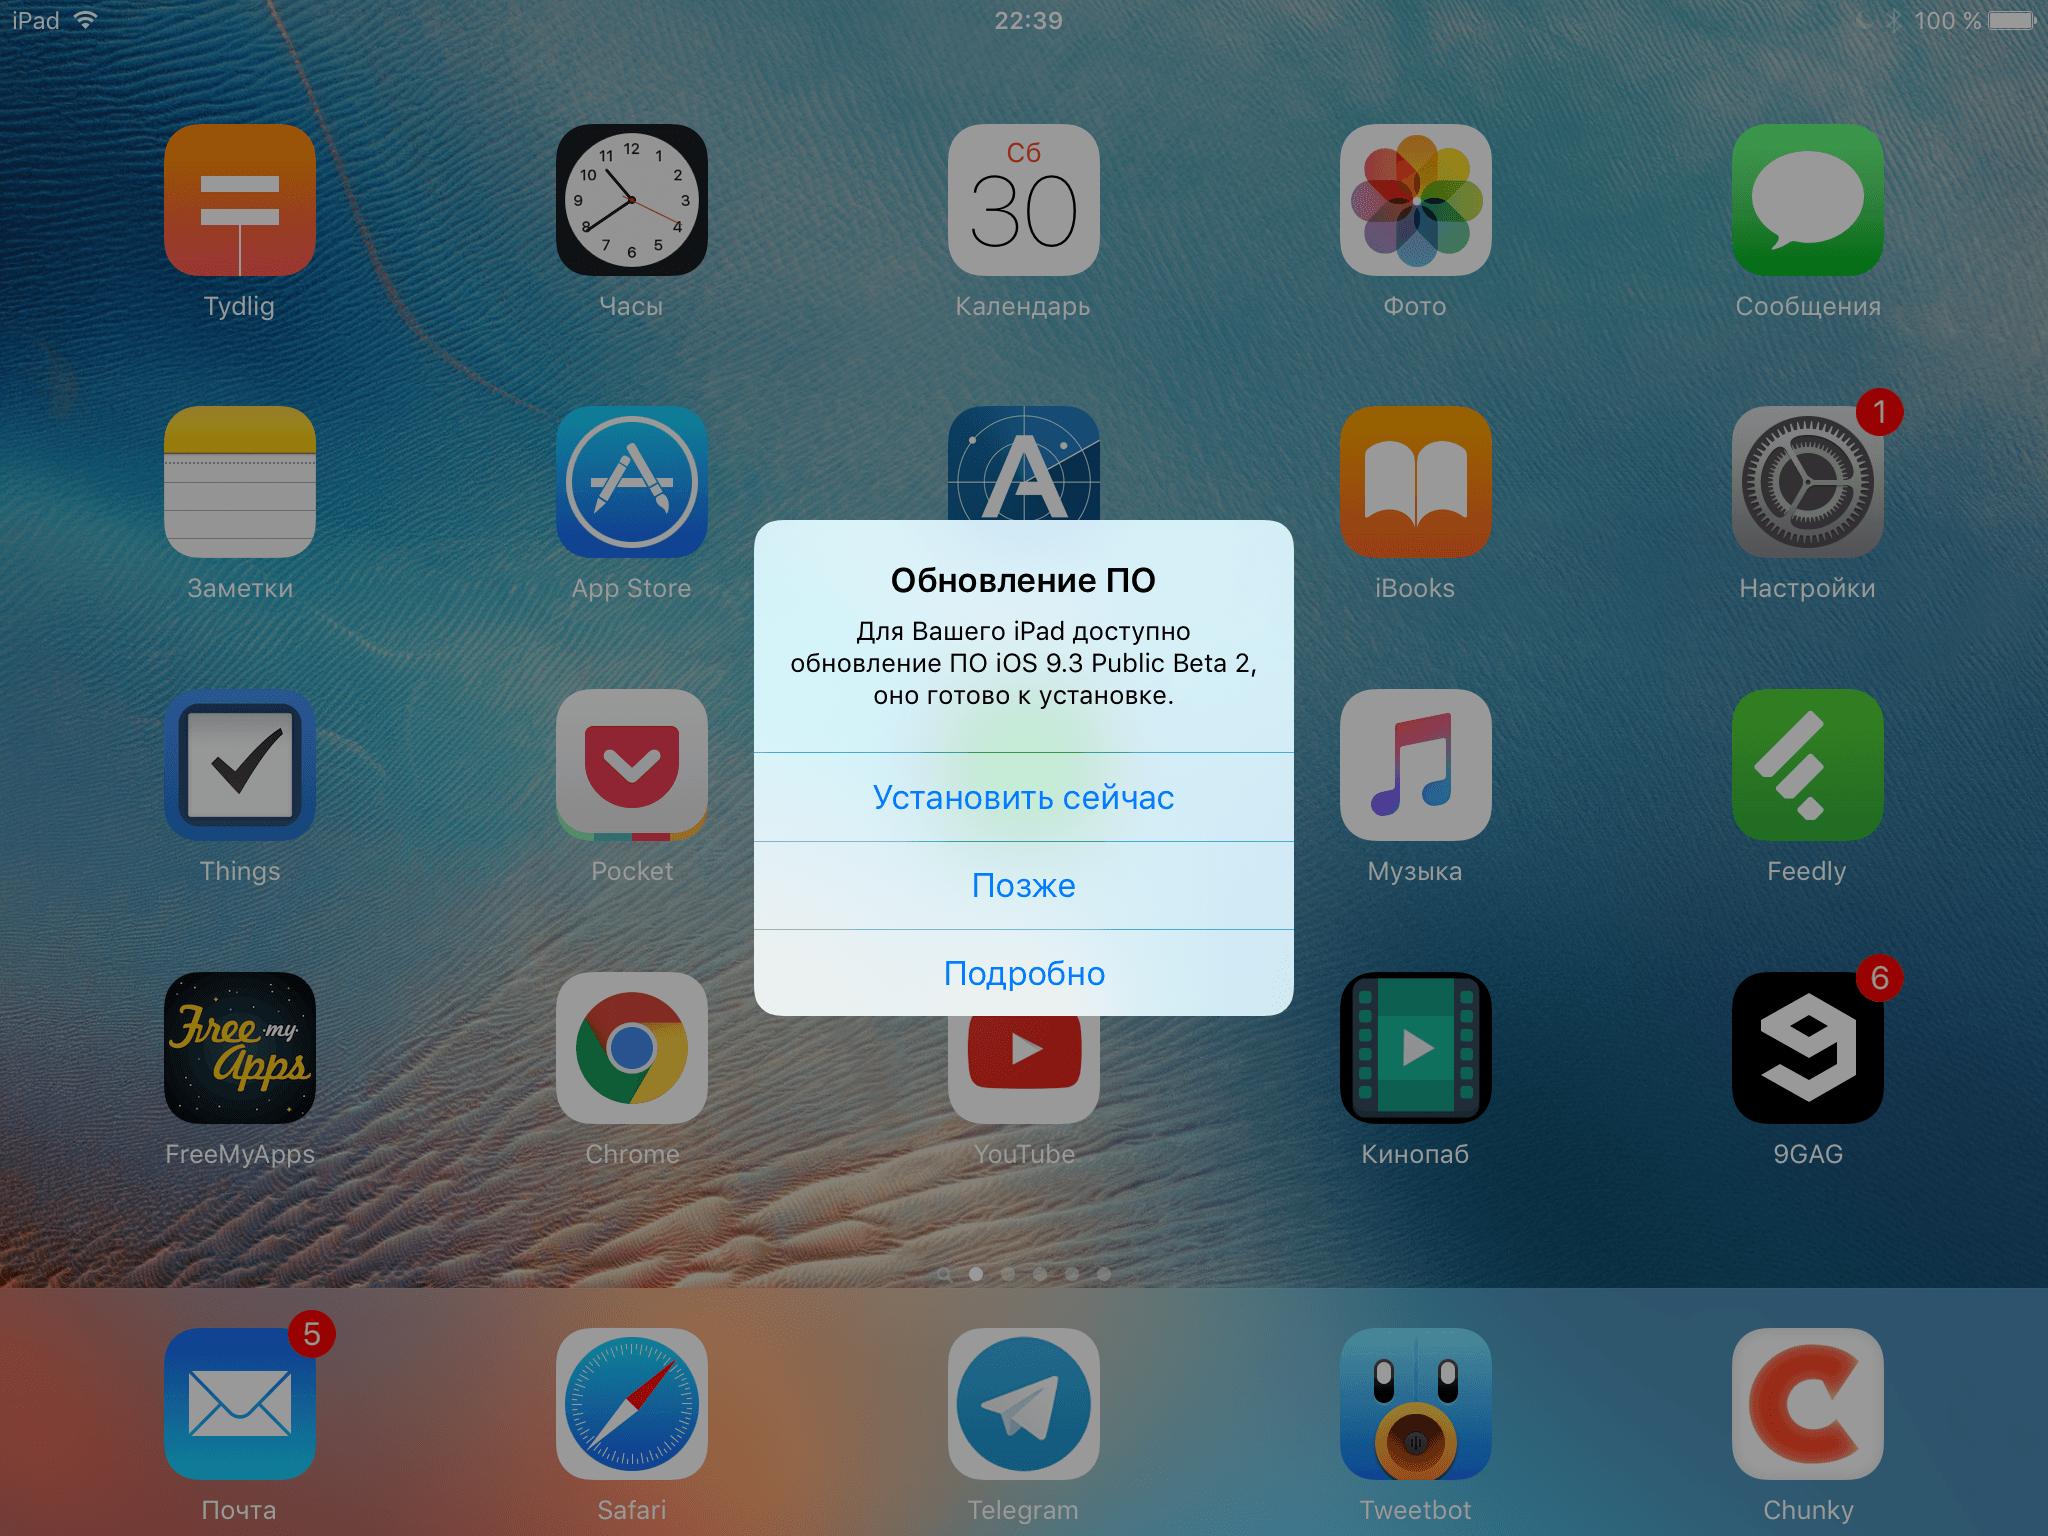 Как обновить iOS на iPad